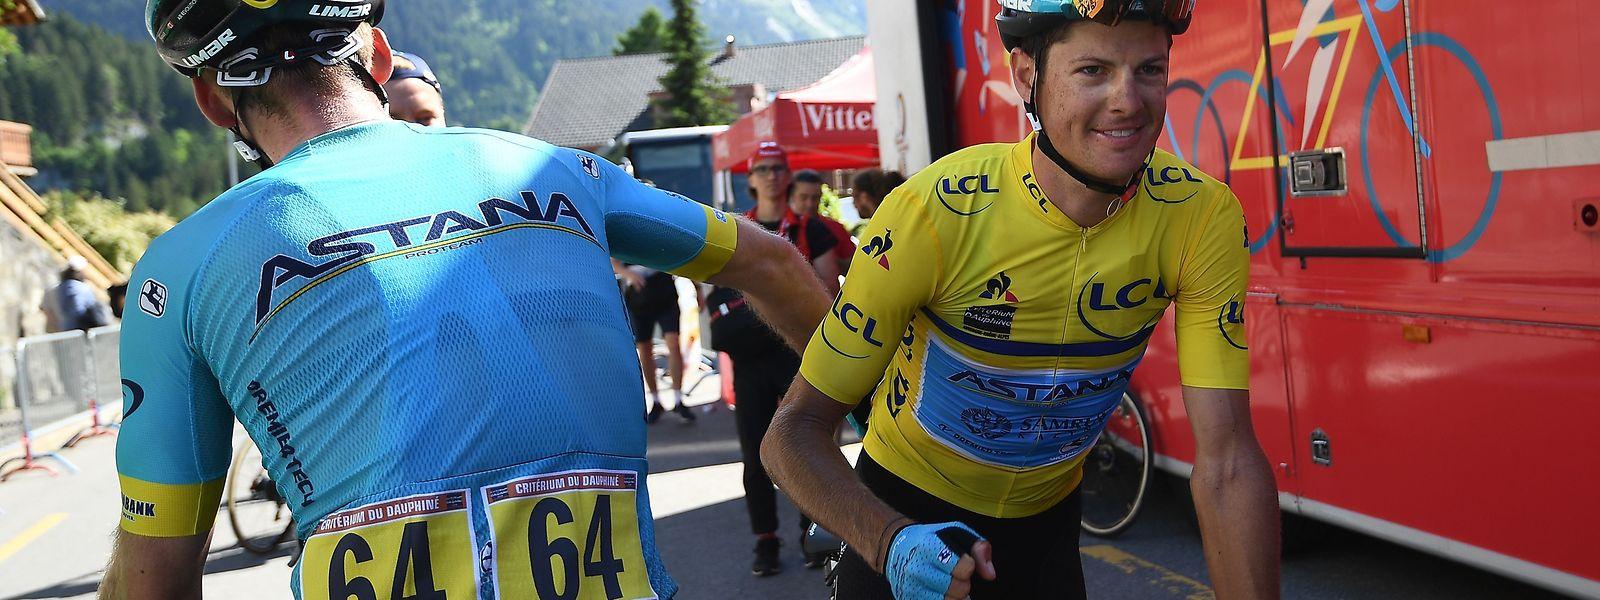 Jakob Fuglsang a tenu bon, se profilant comme un candidat sérieux à la victoire dans le Tour de France qui débute dans trois semaines.